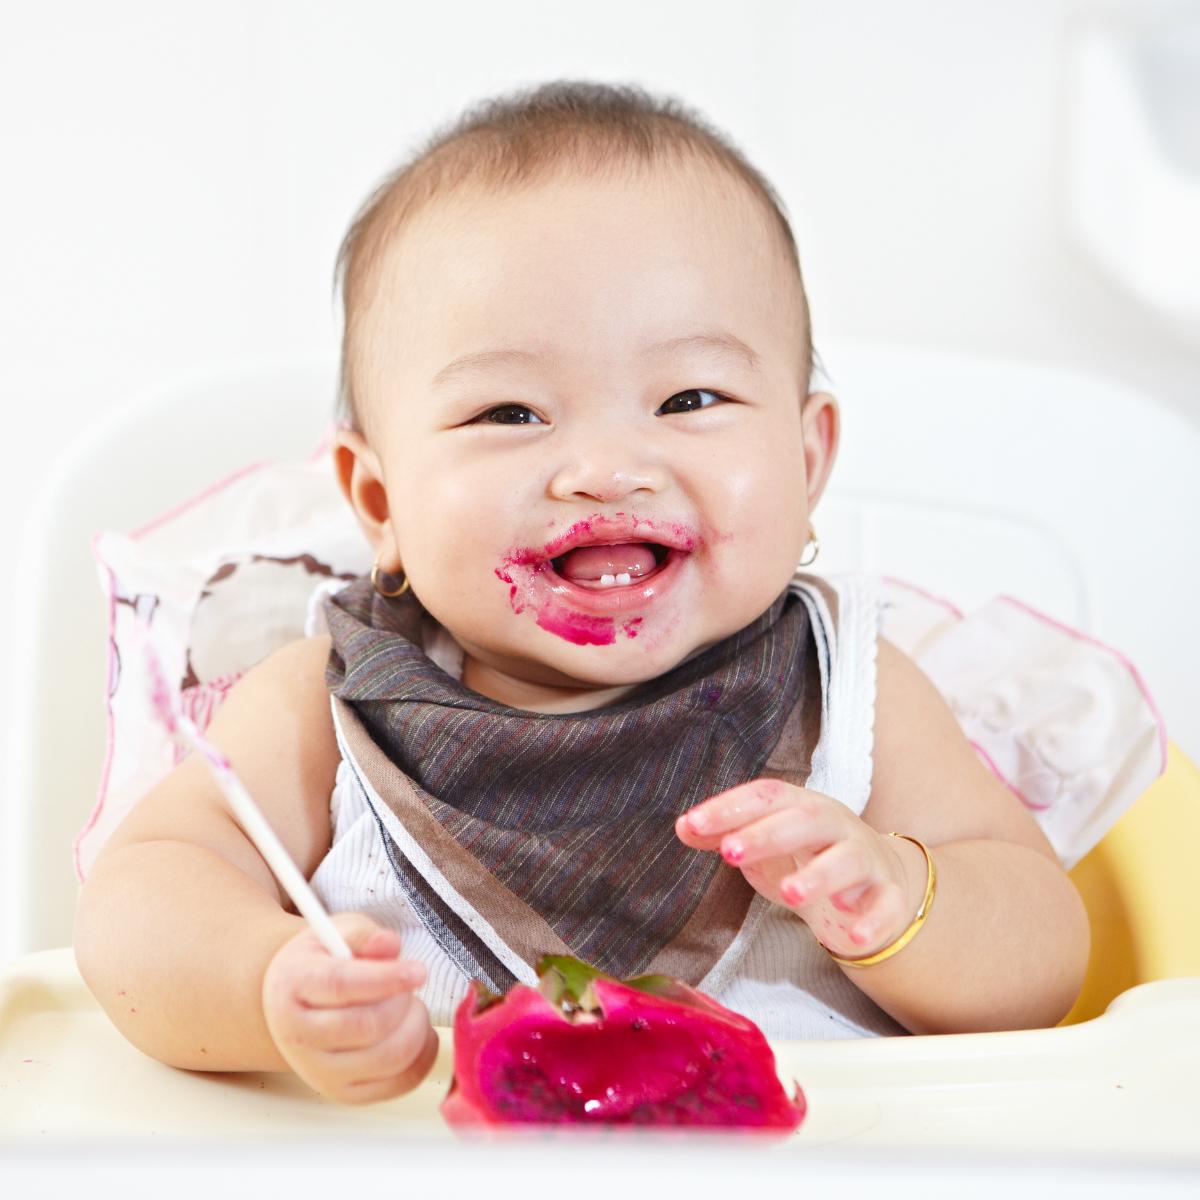 As primeiras papinhas: dicas fundamentais para introdução alimentar